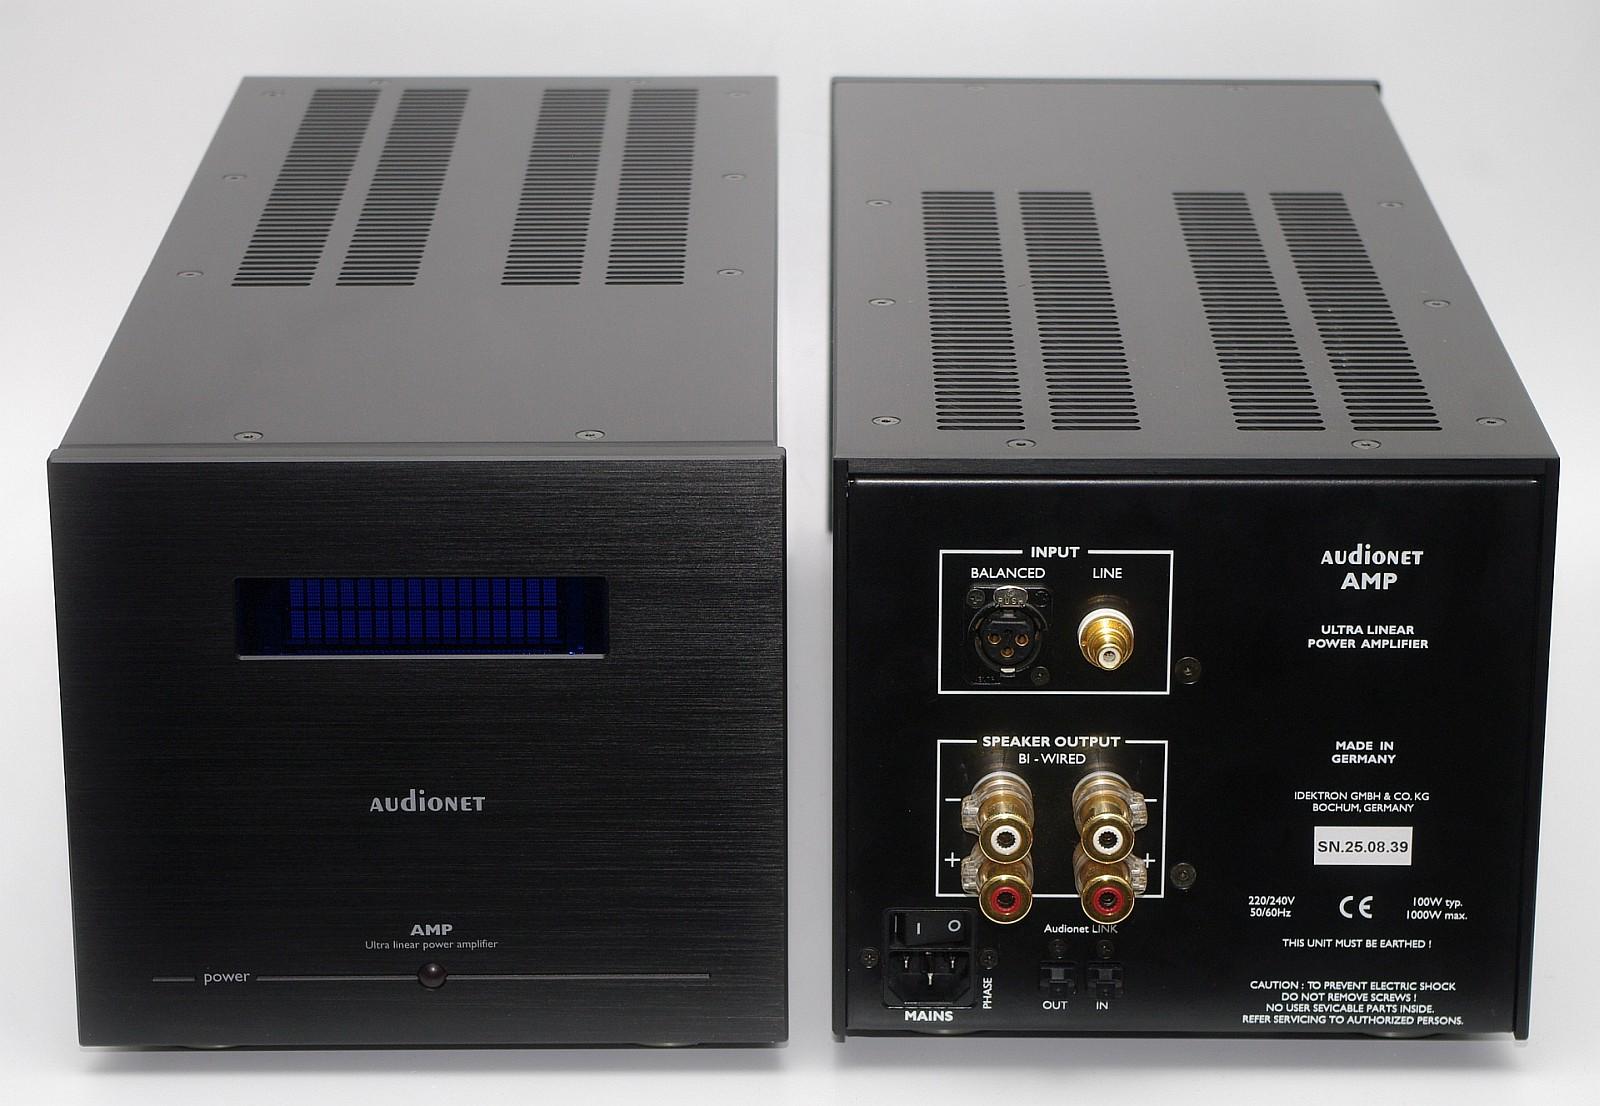 Audionet AMP